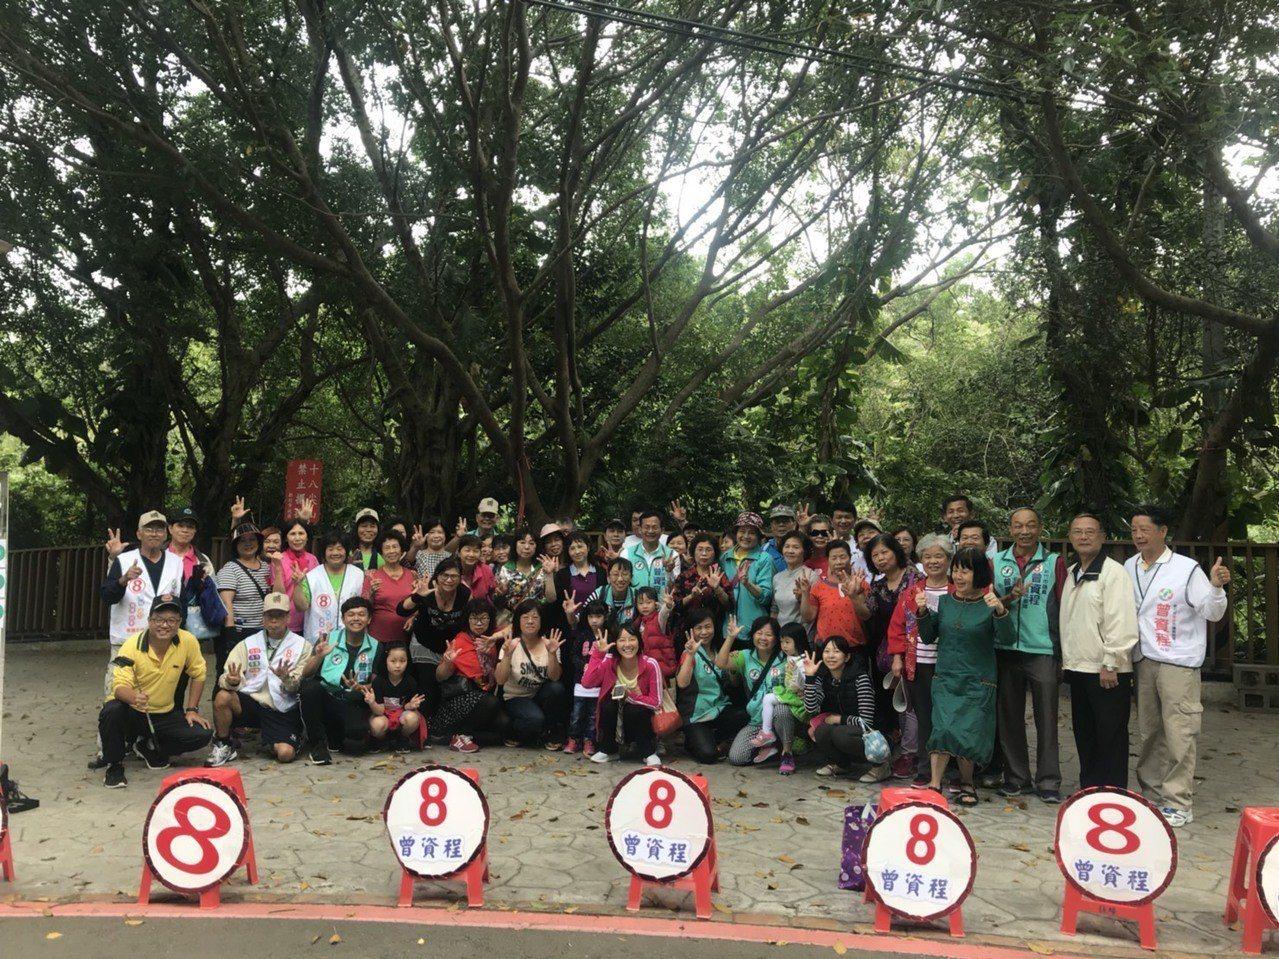 新竹市議員曾資程推出「8號戰舞」快閃吸眼球。圖/曾資程提供